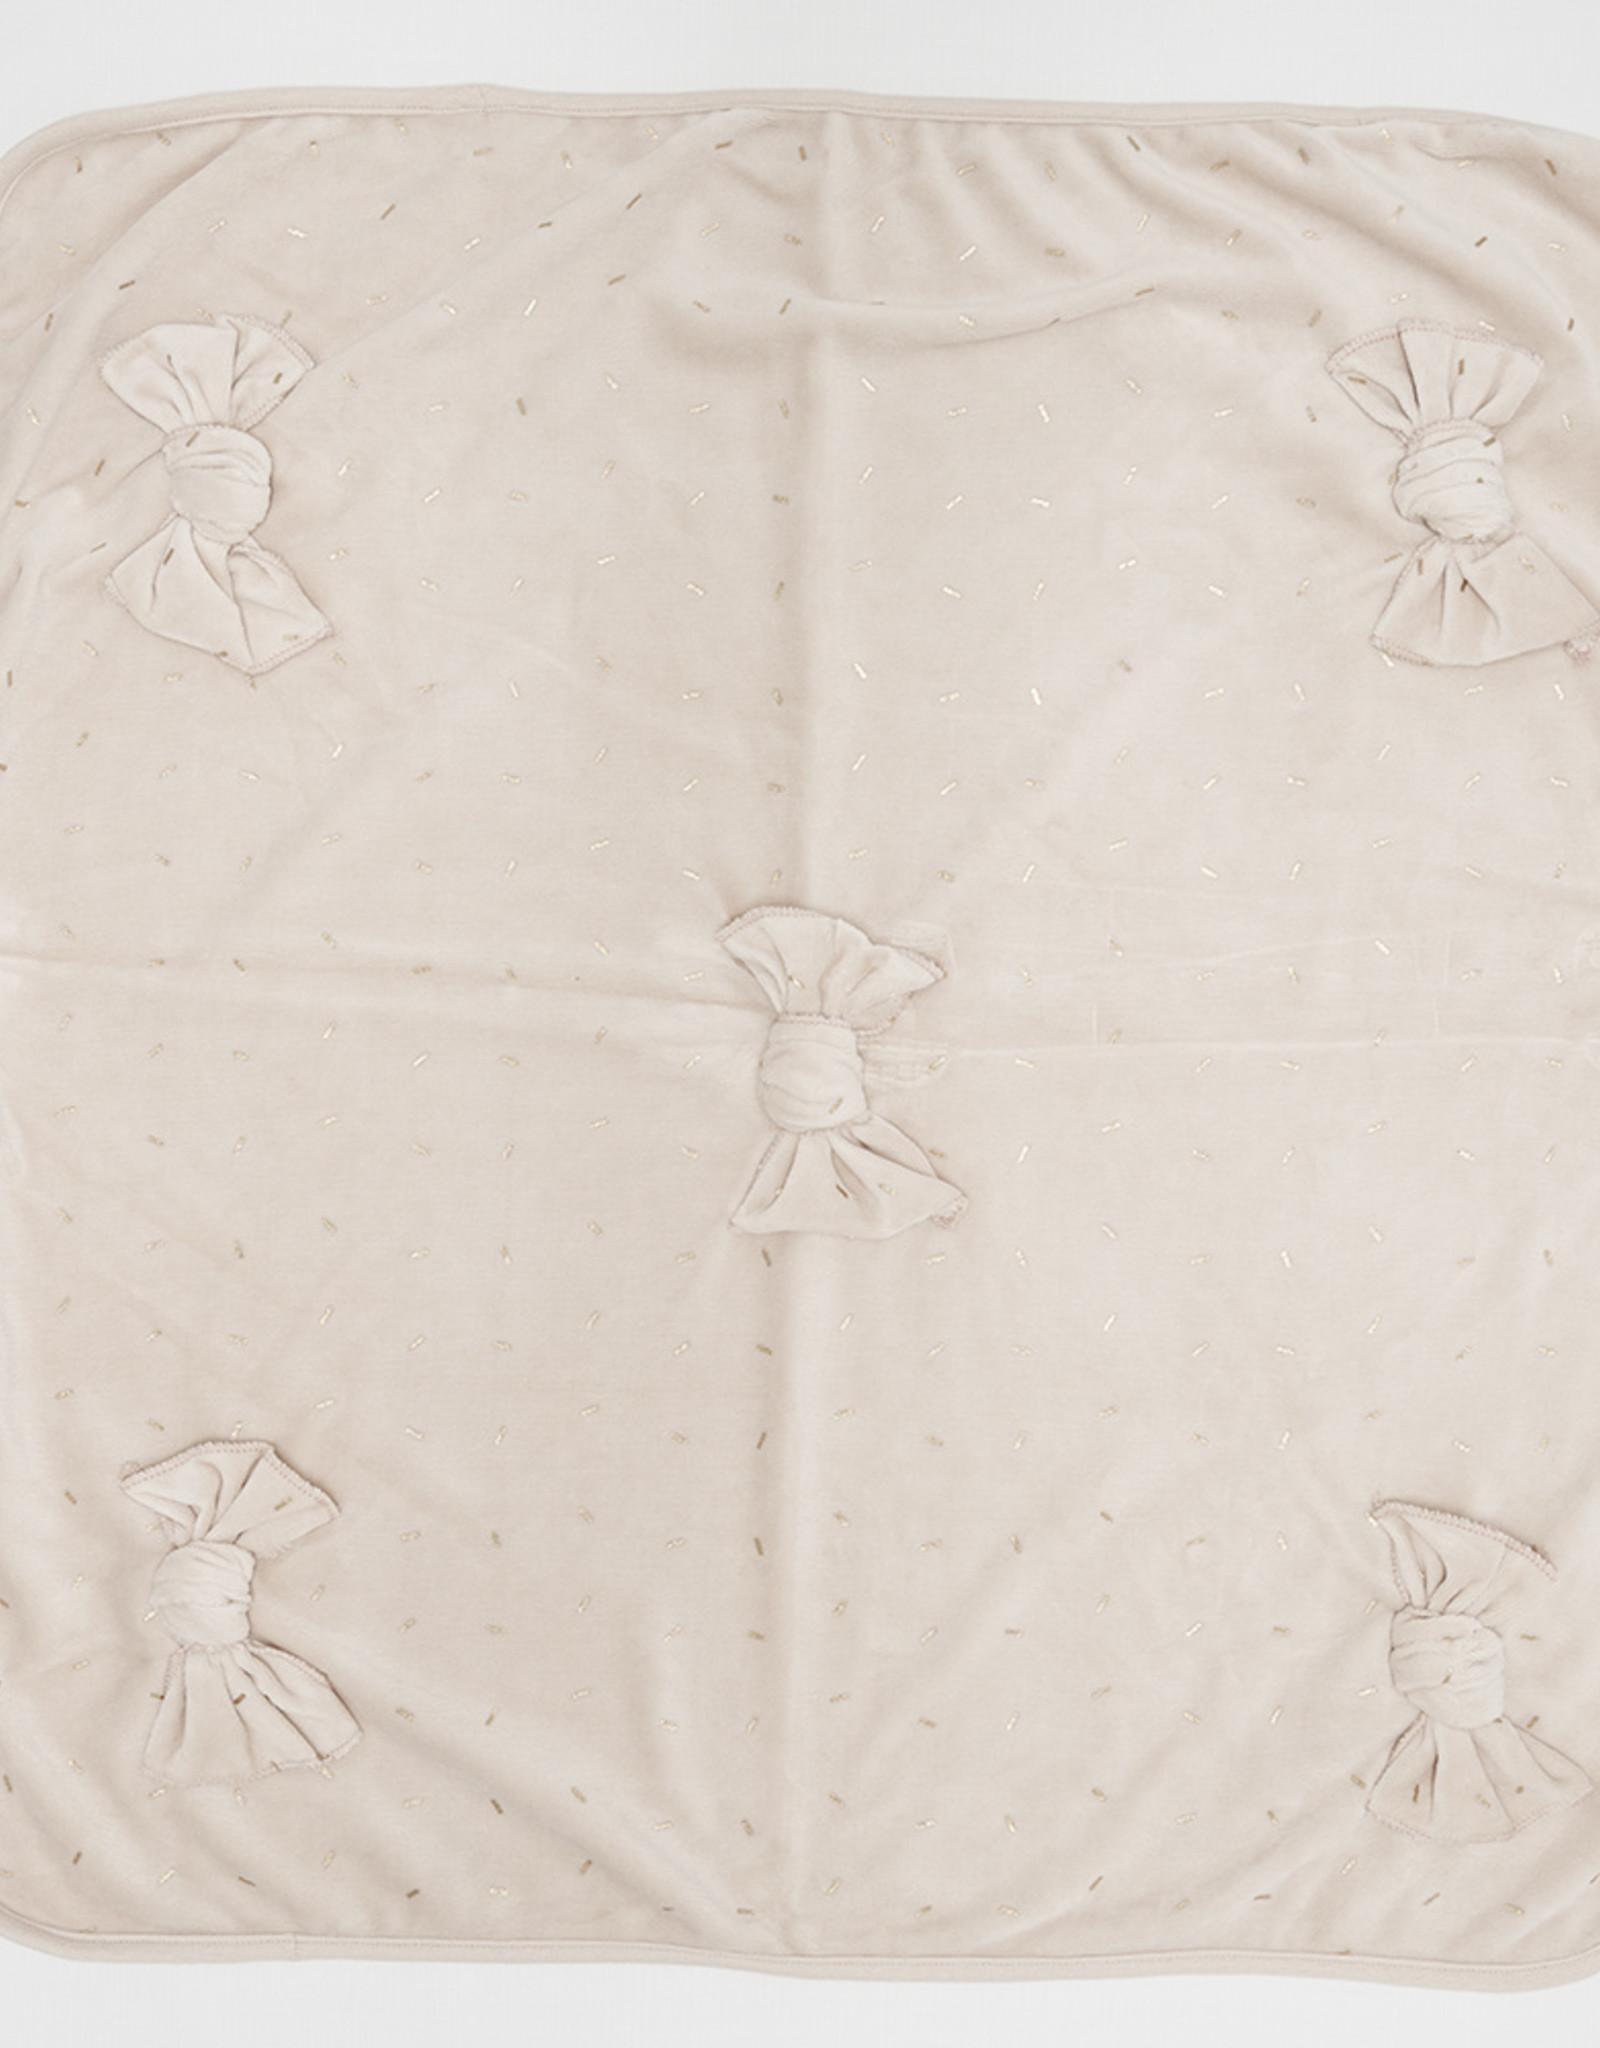 FRAGILE Fragile Velour Sprinkles 5 Bows Blanket